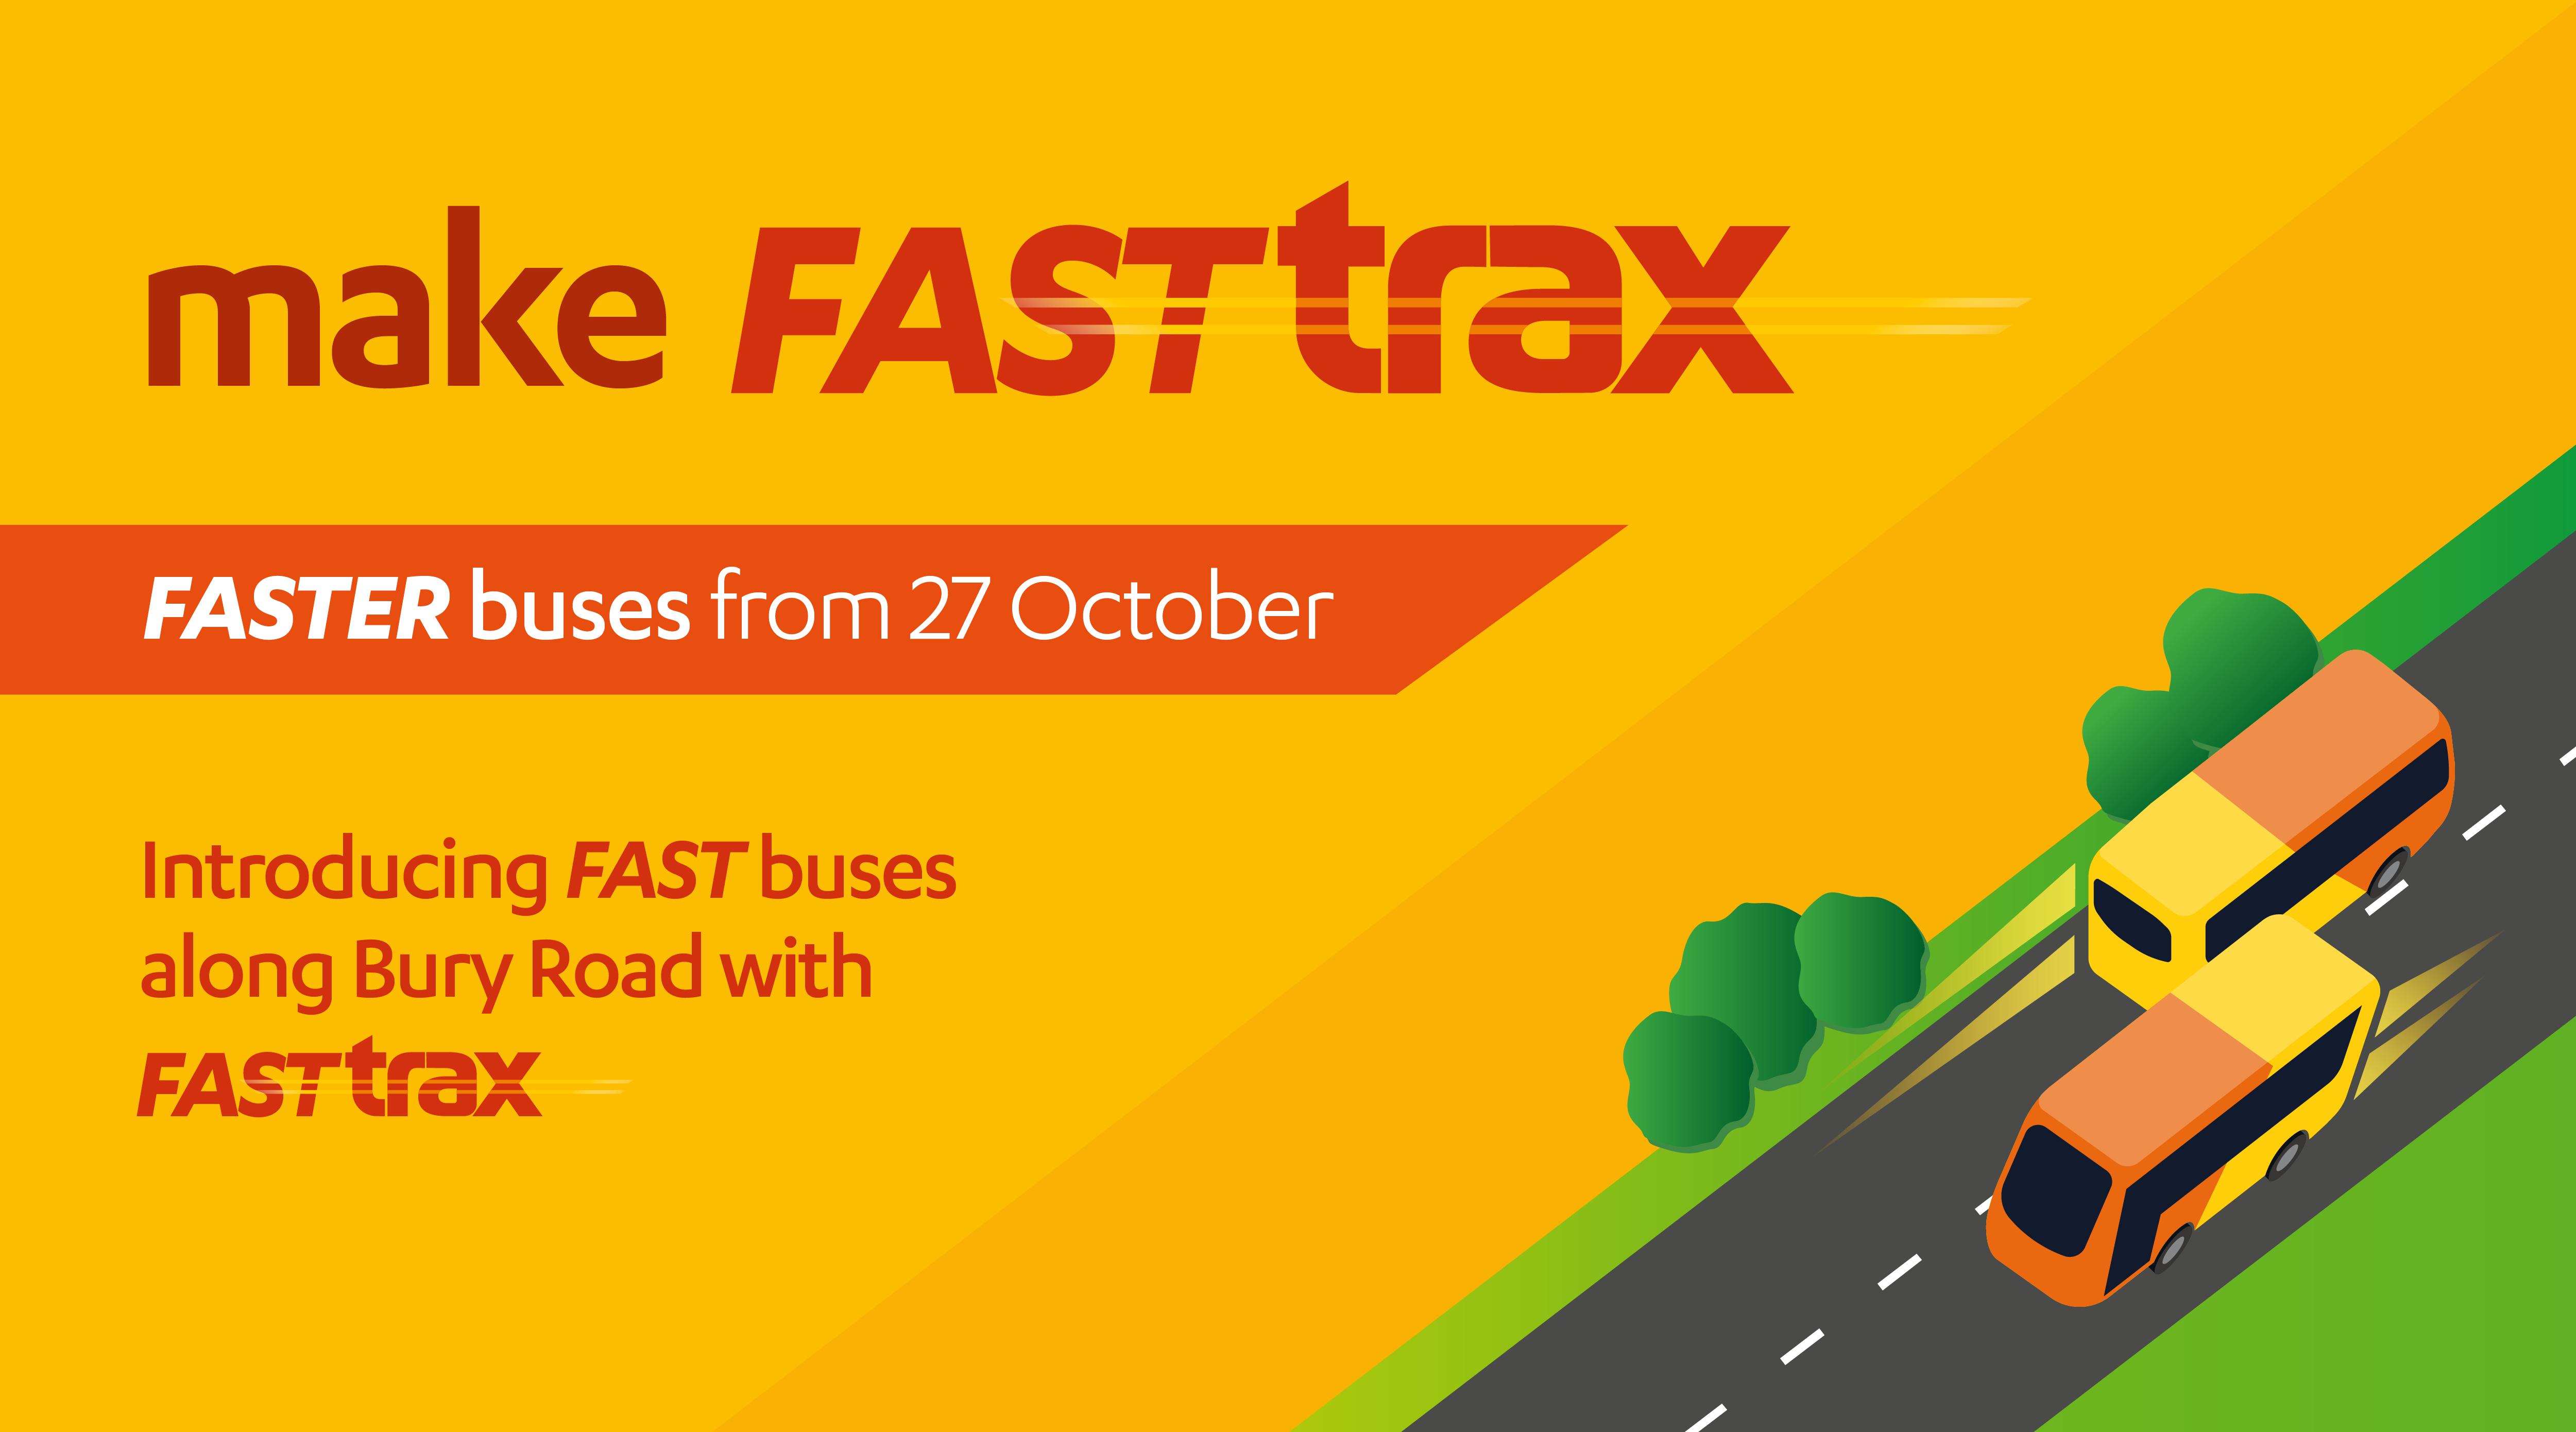 fast trax